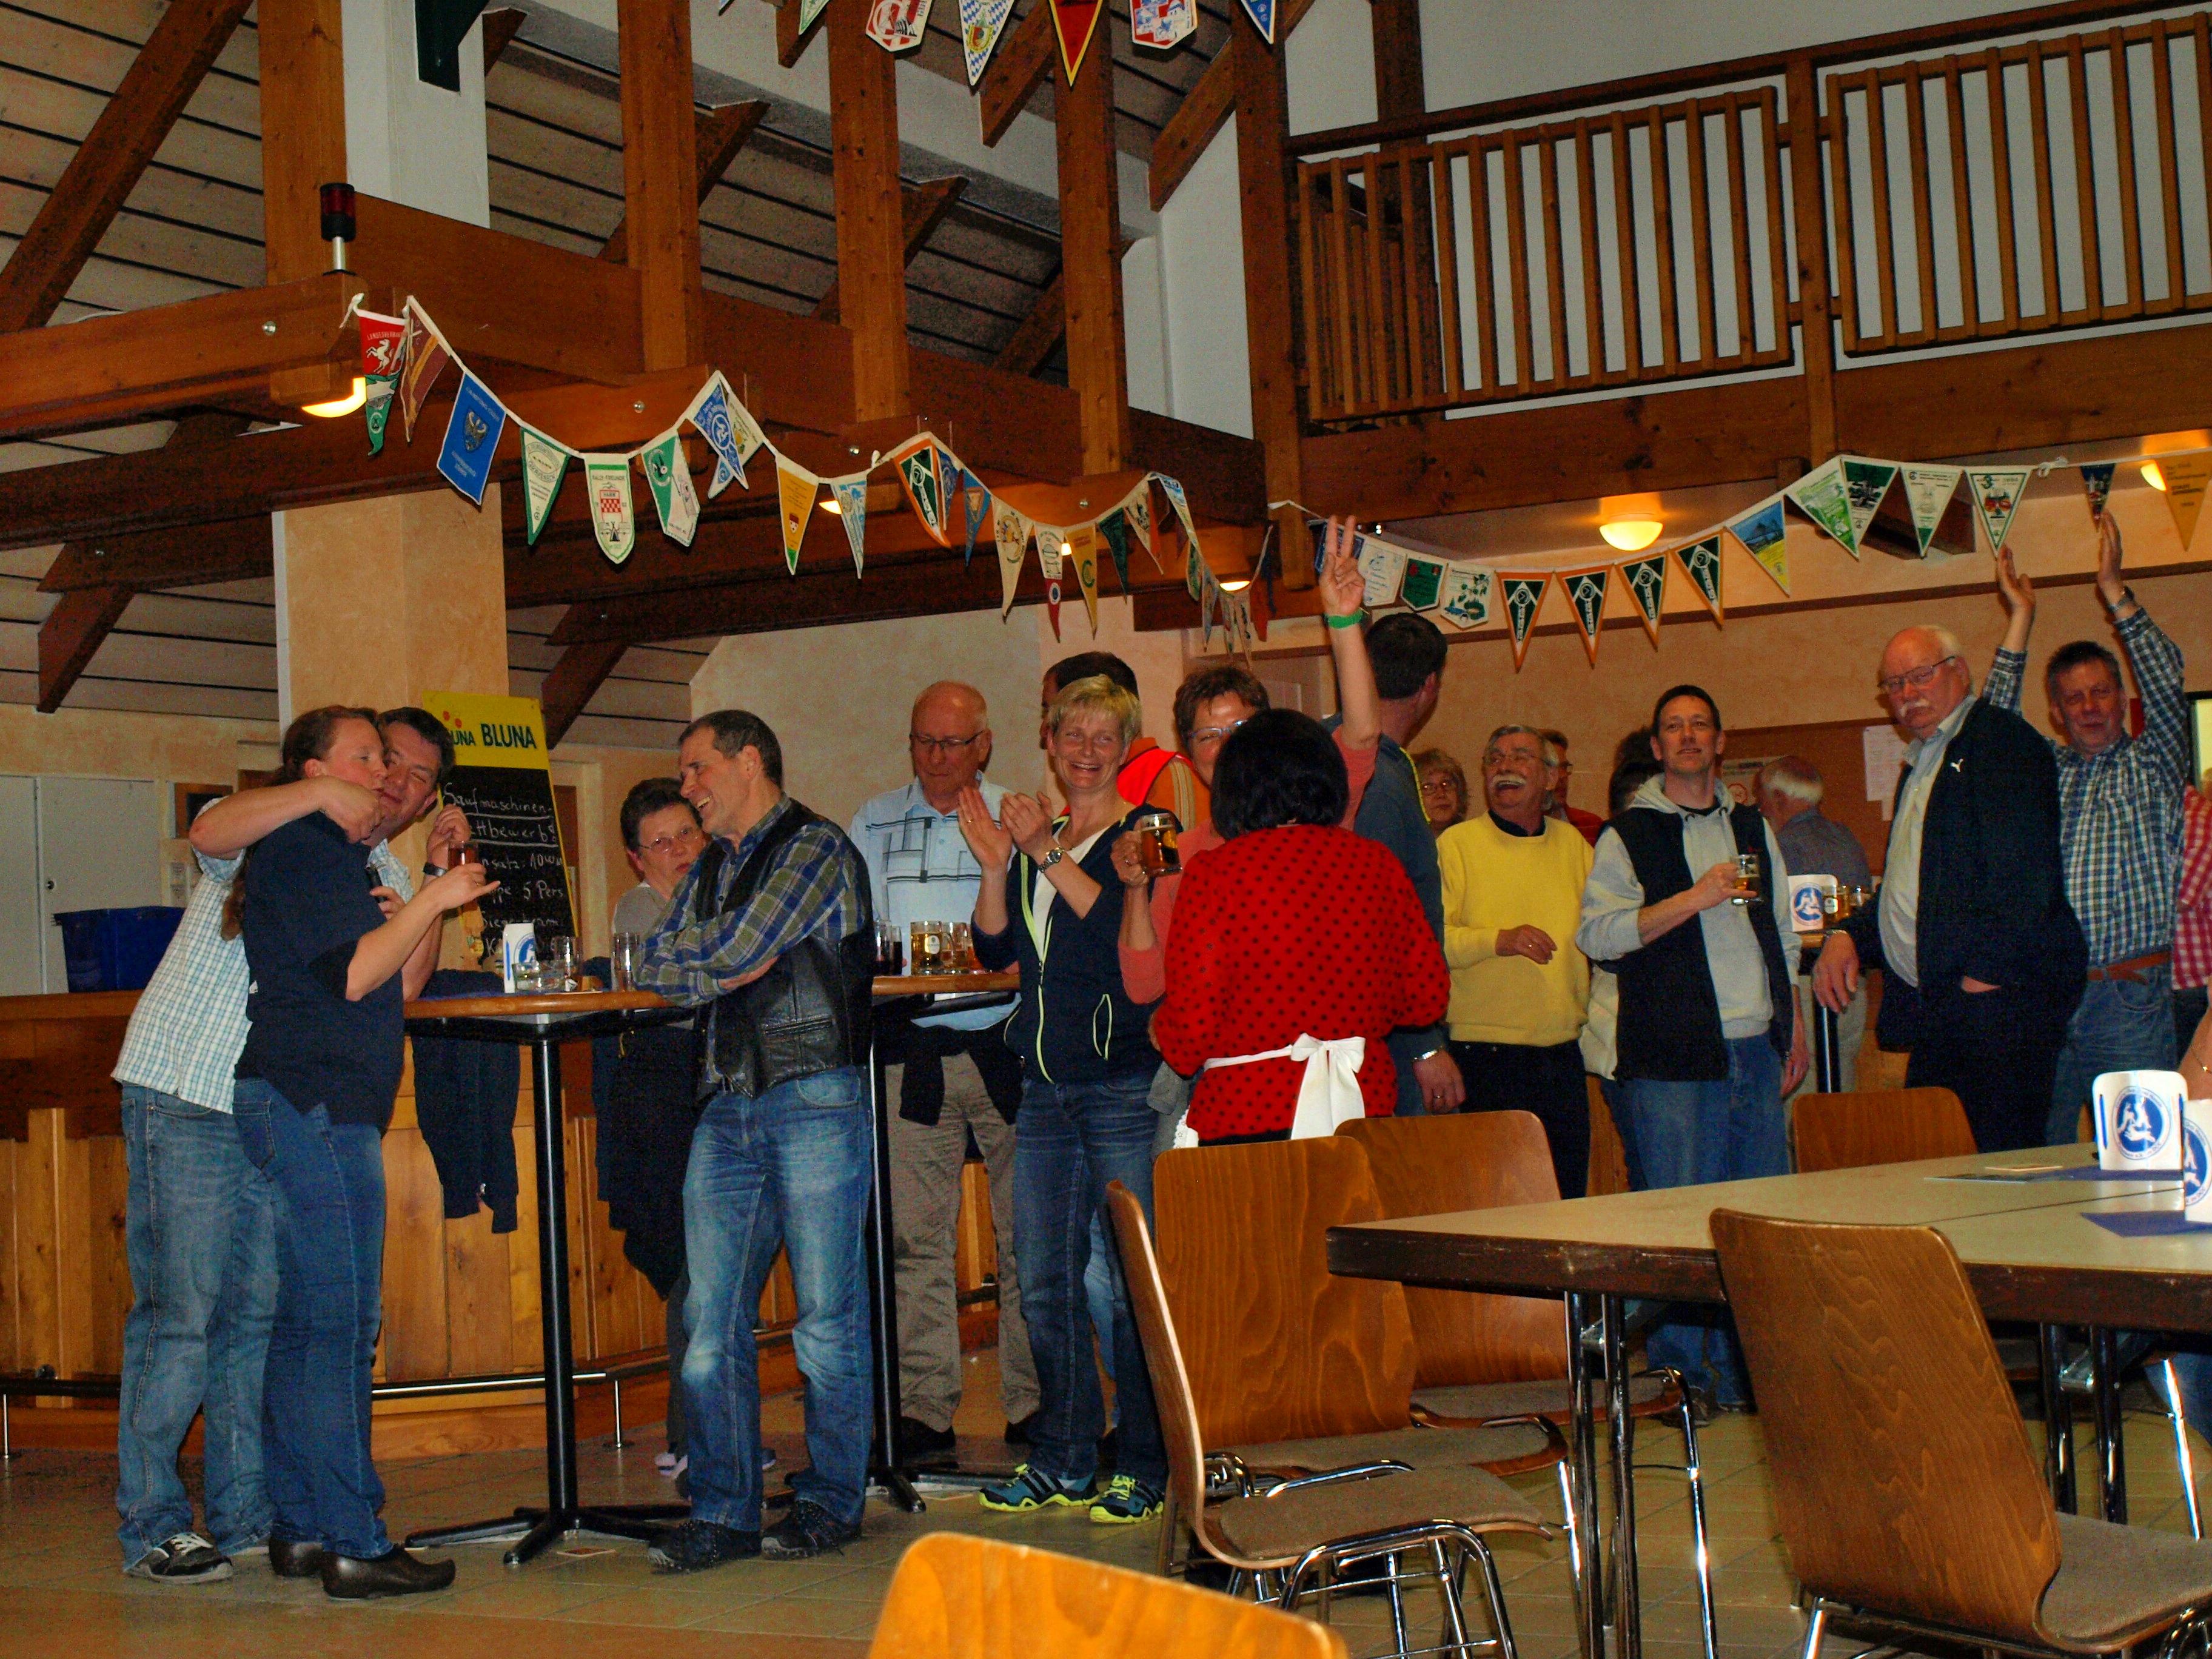 LV-Anzelten und 65 Jahre CC Drei Hasen Paderborn @ Bürgerhaus Oberntudorf